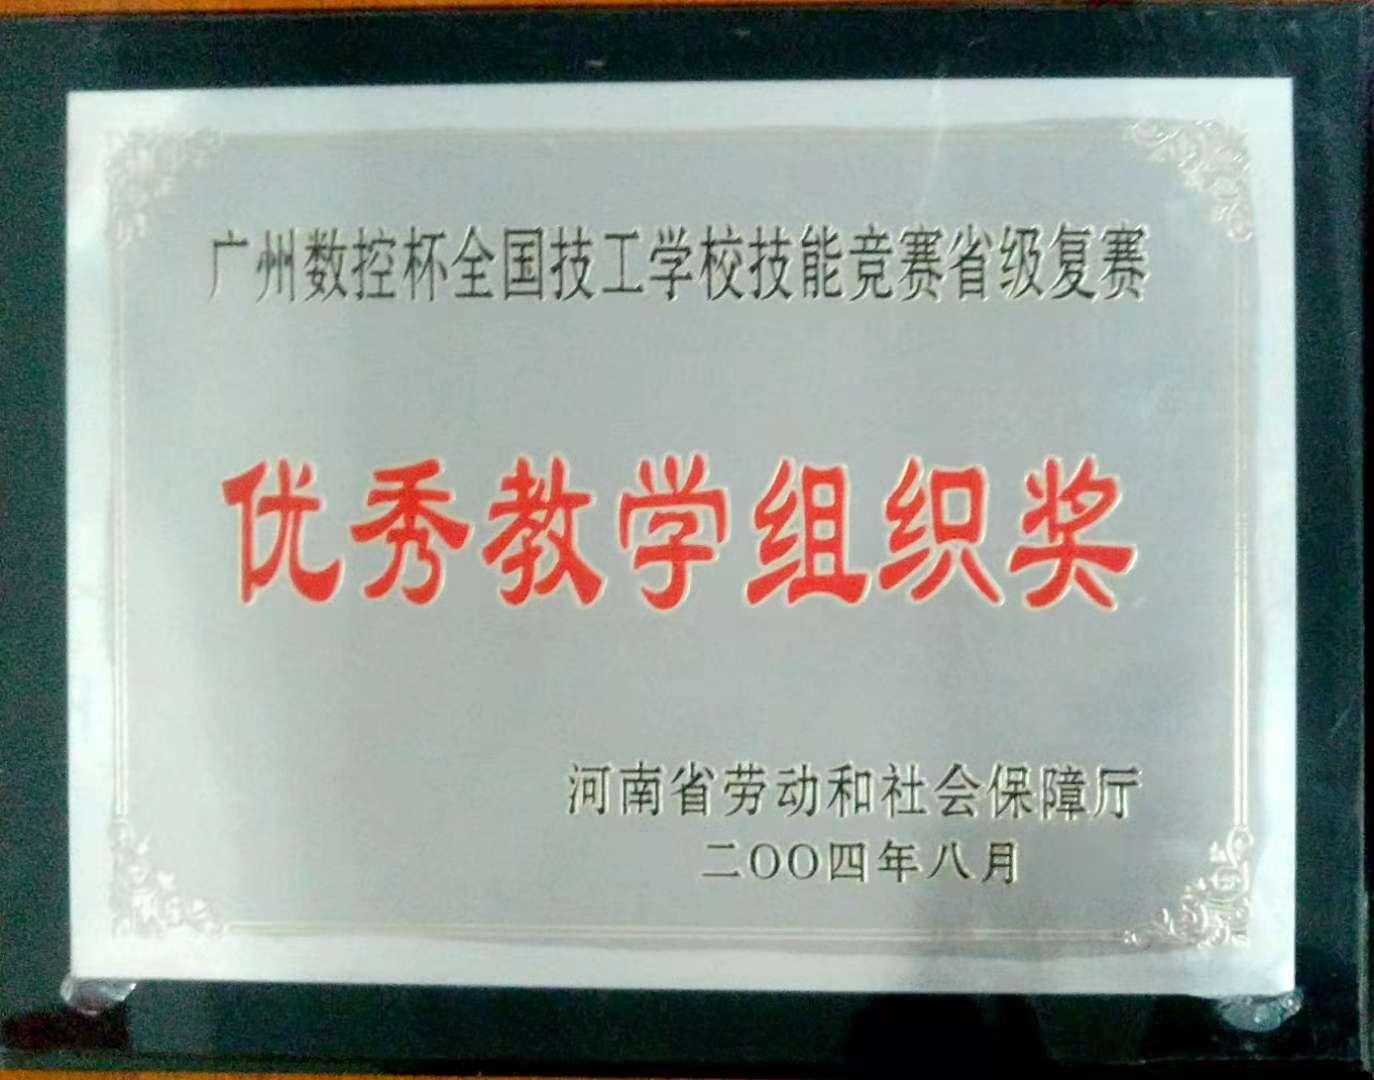 优秀教学组织奖